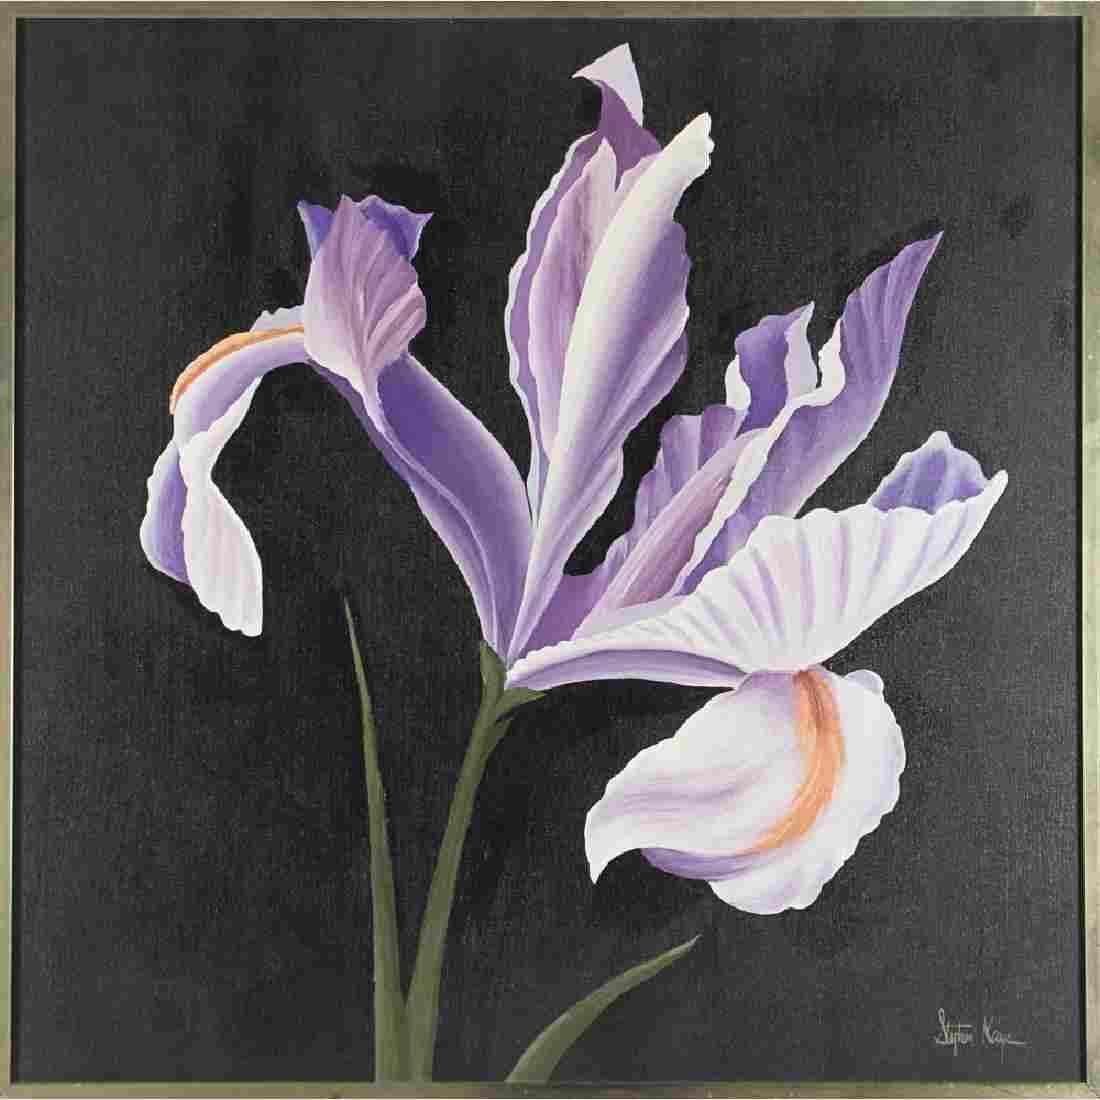 Stephen Kaye (20th Century) Iris, Oil on canvas,